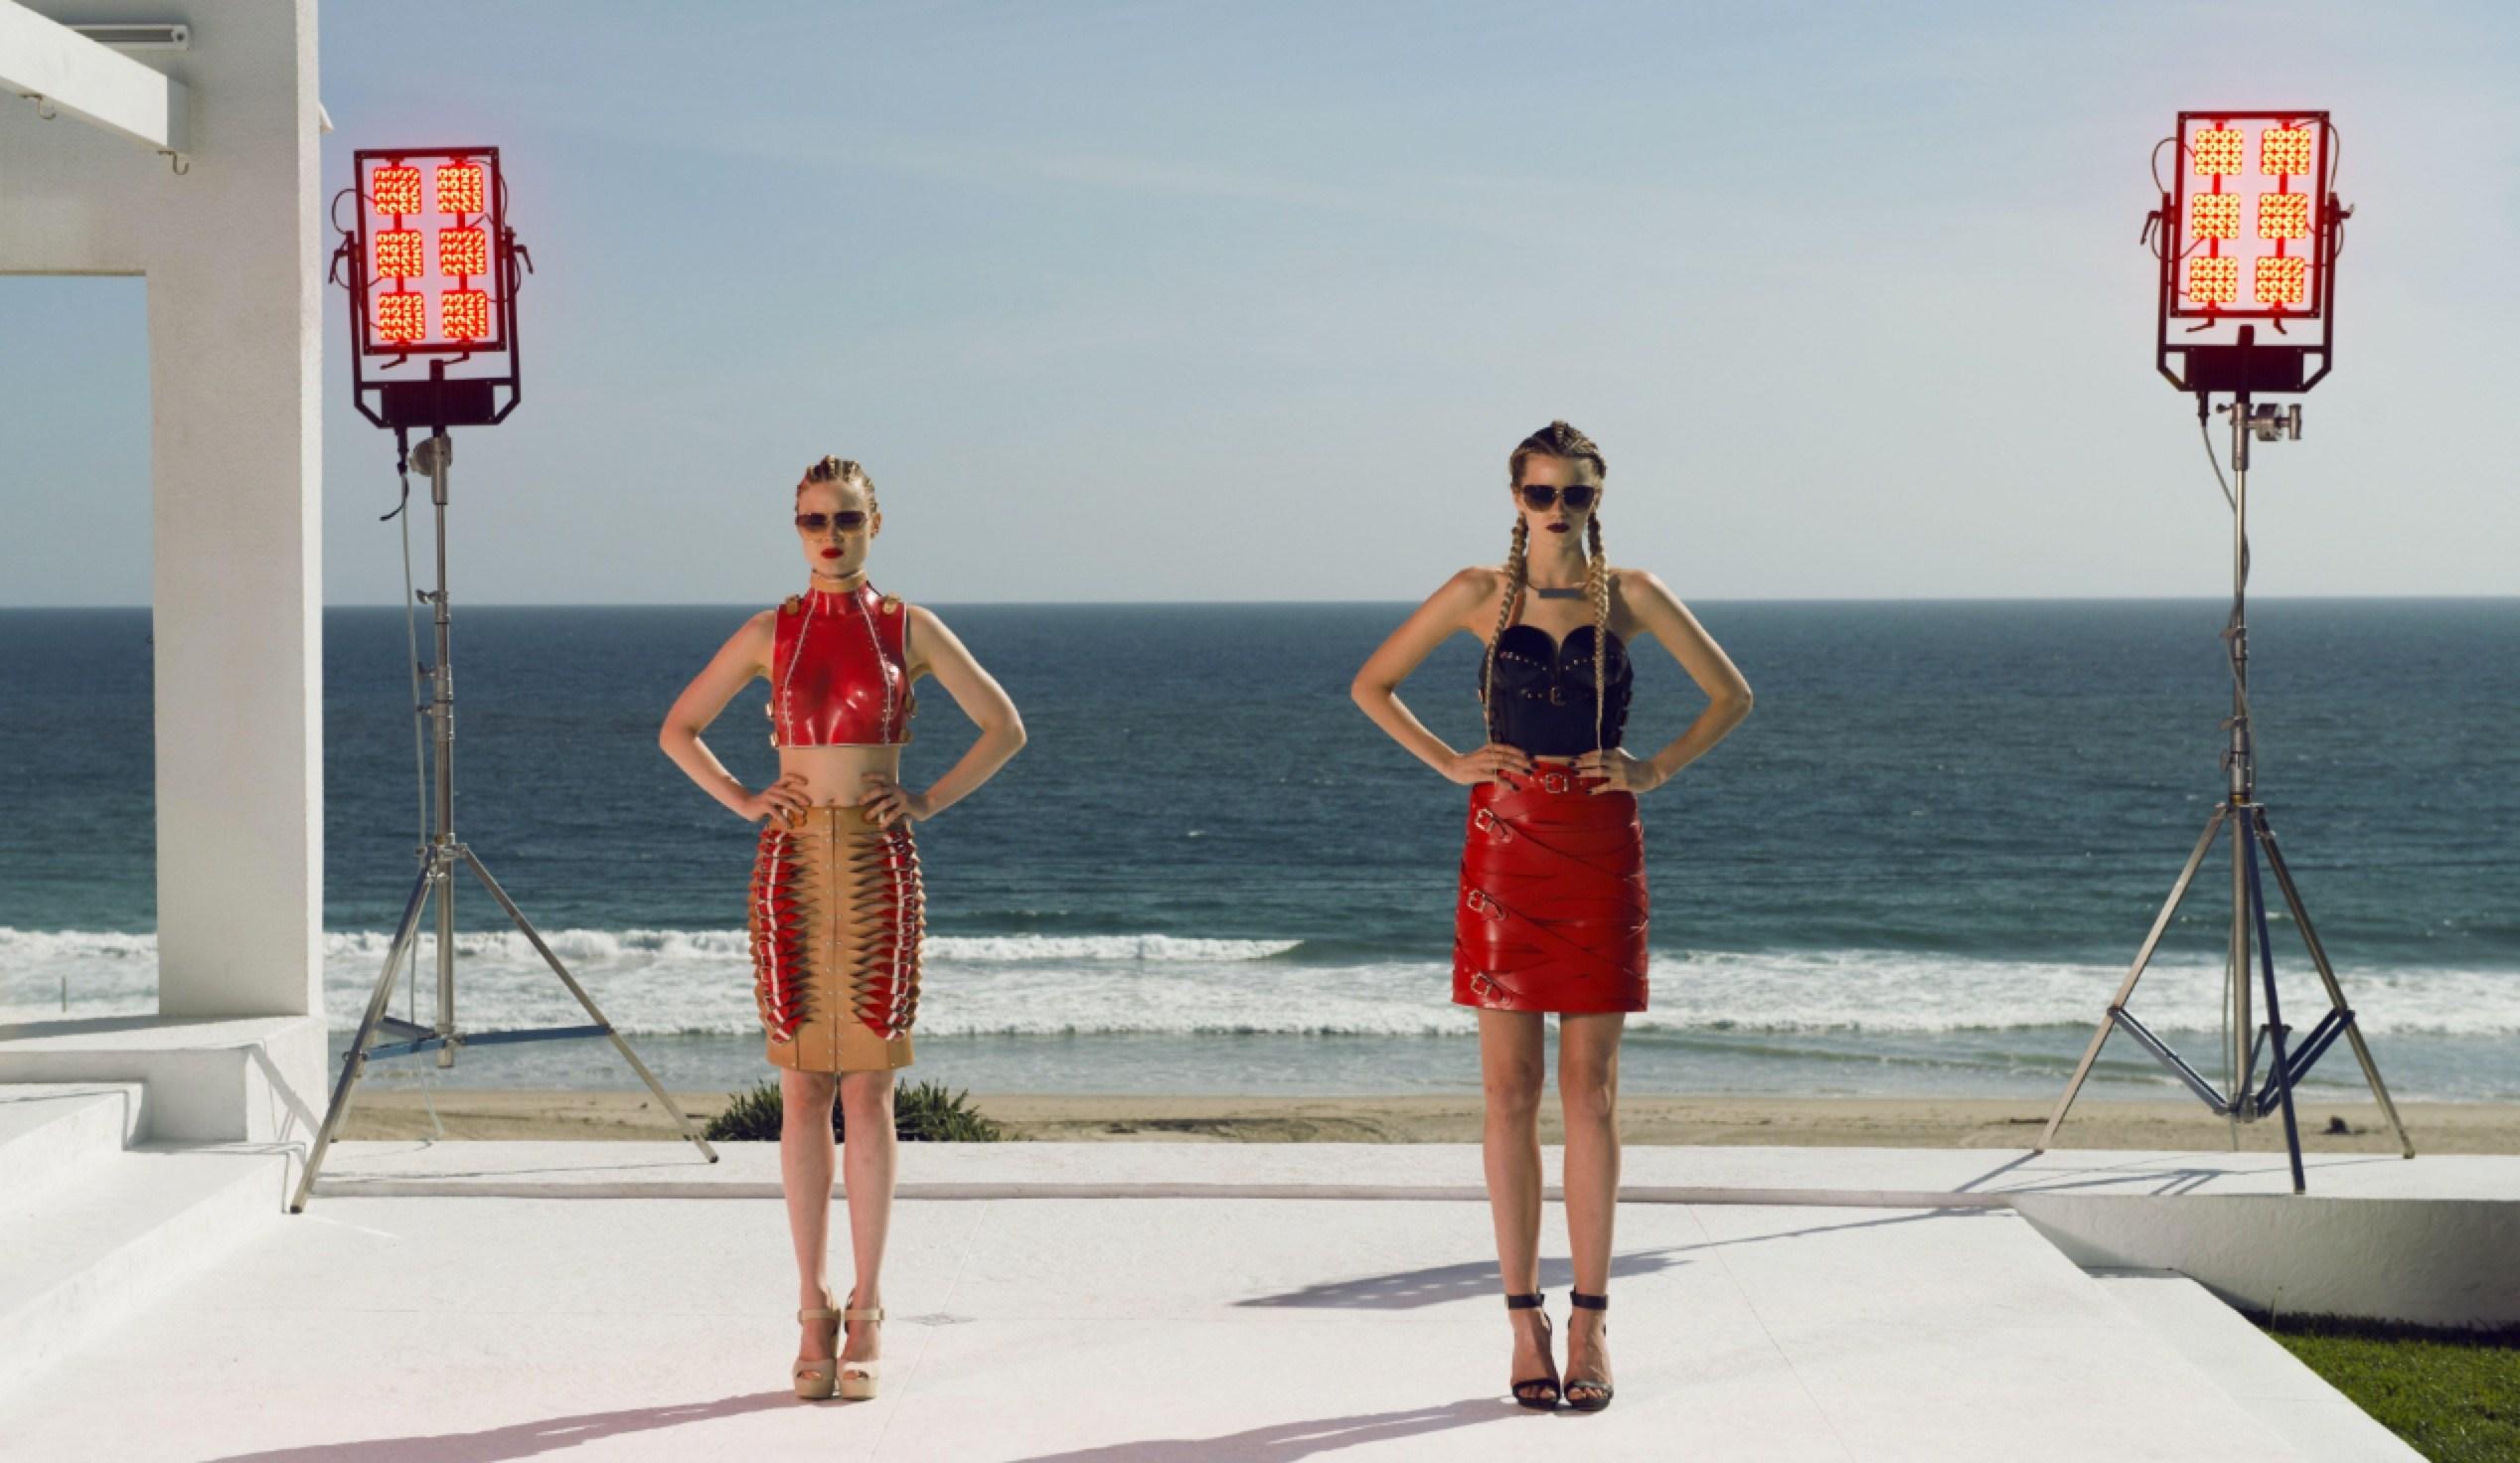 Imagem do filme The Neon Demon, ou Demônio Neon. A imagem mostra duas modelos posando em uma casa na frente do mar.